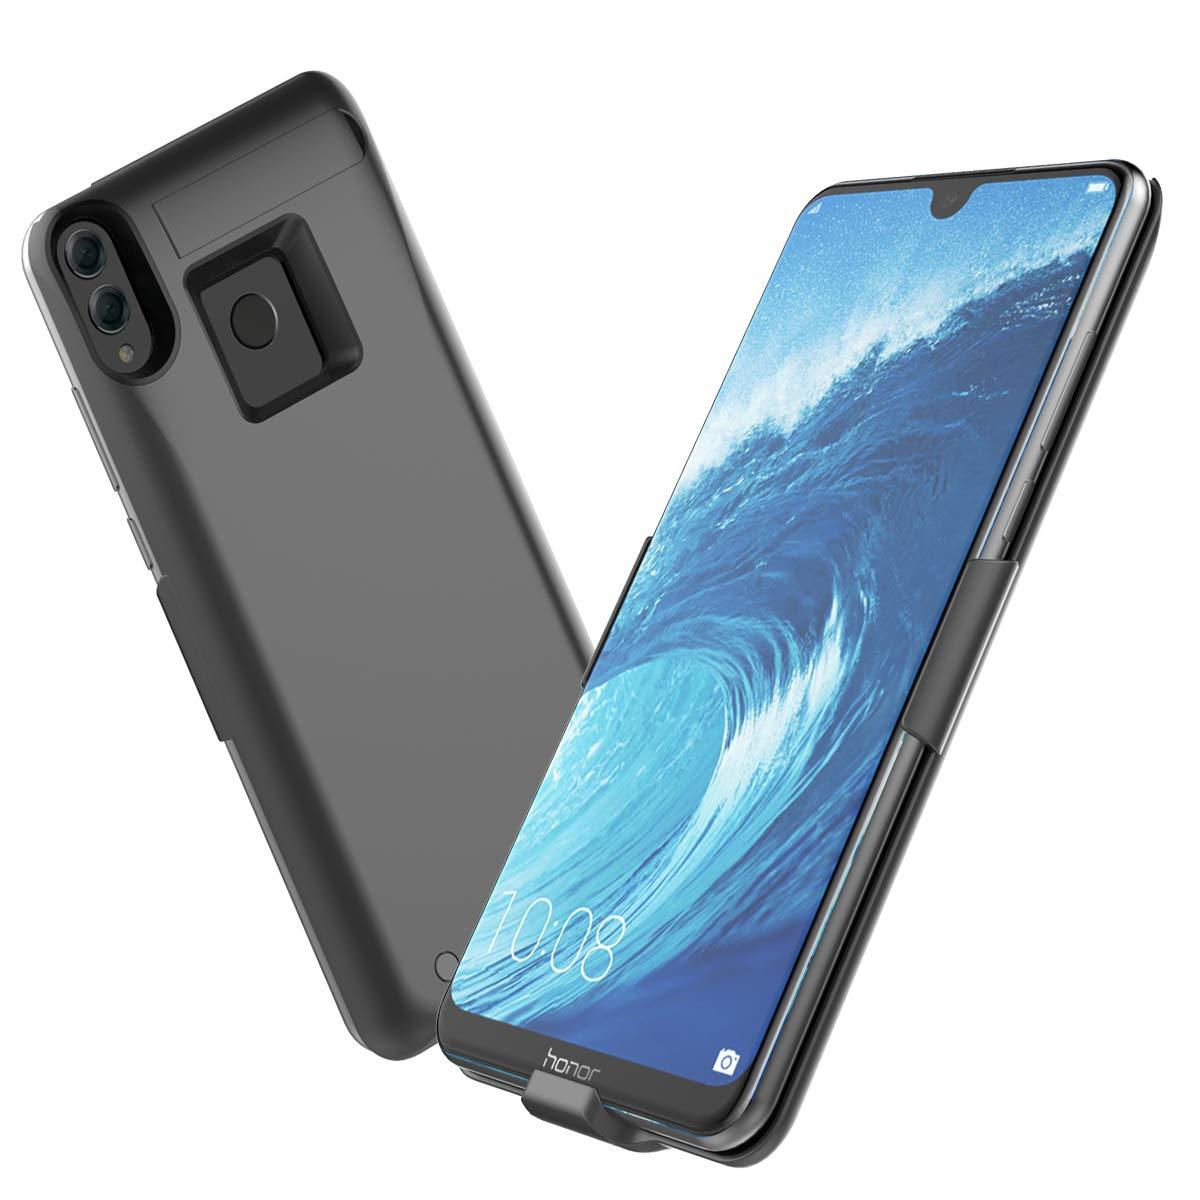 Banath Coque Batterie pour Huawei Honor 8X Max 7500mAh Chargeur Portable Batterie Externe Rechargeable Puissante Power Bank Coque Bleu